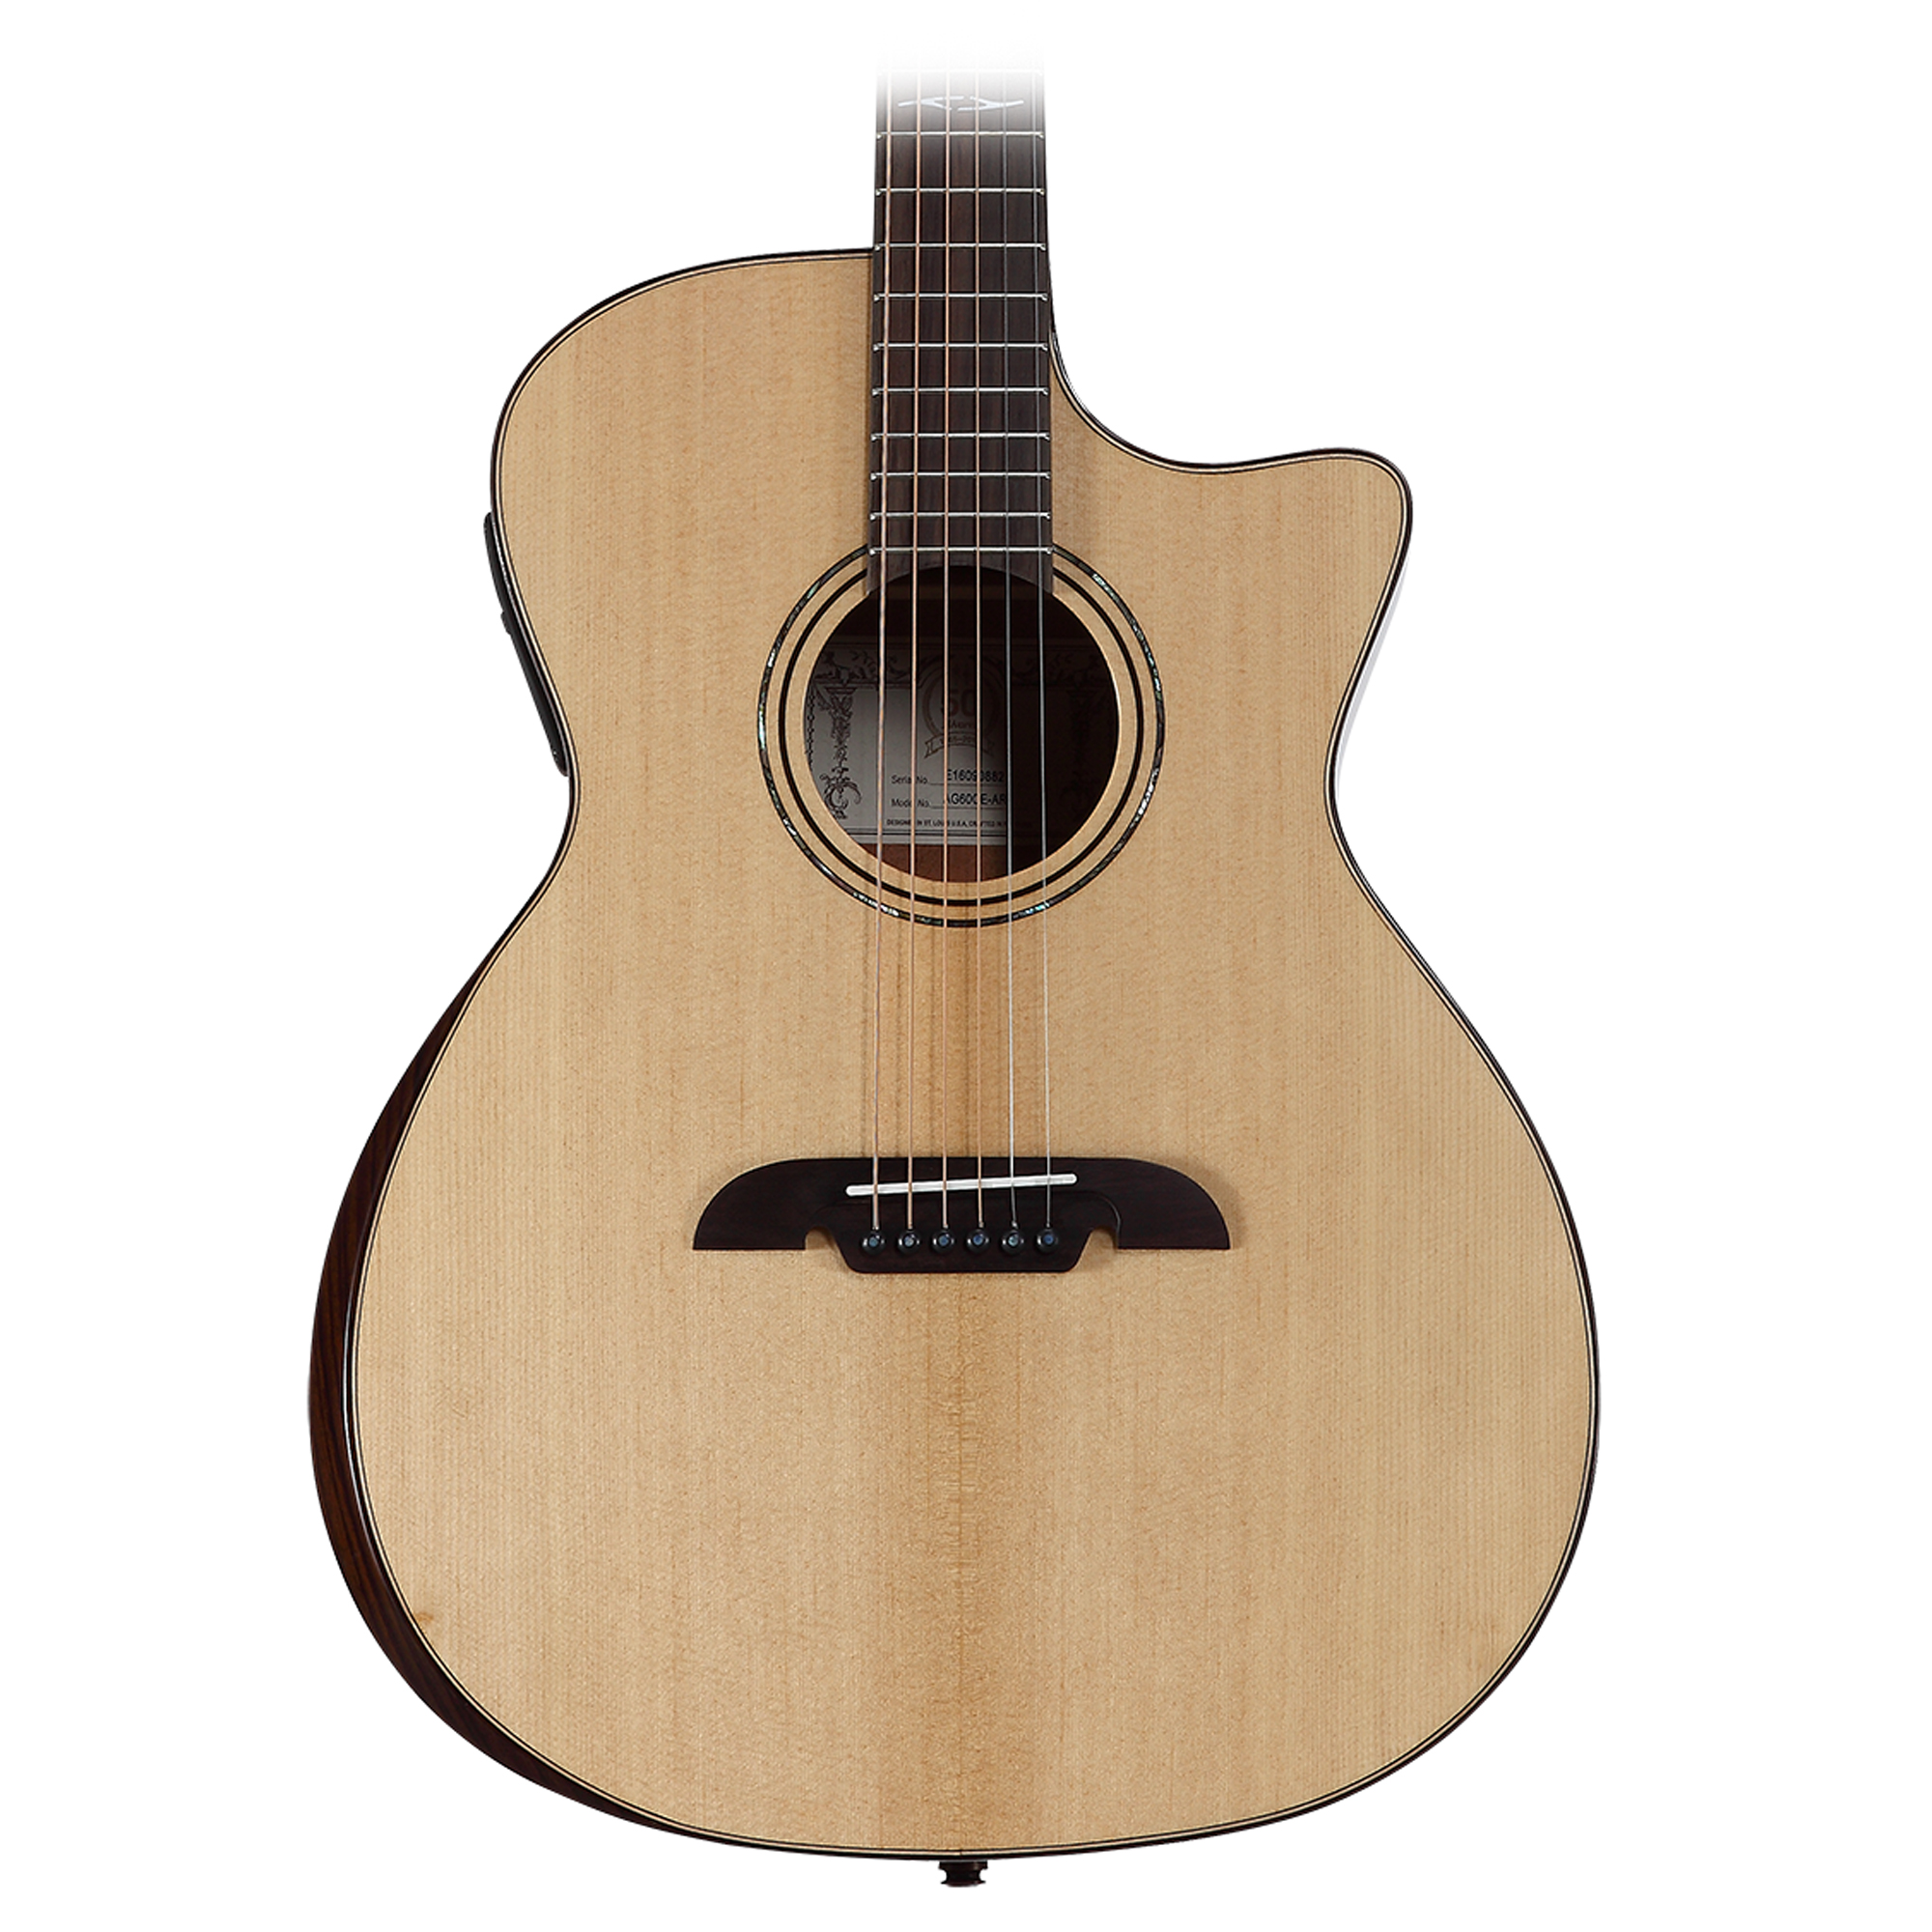 Grand Auditorium Guitar : alvarez ag60cear grand auditorium acoustic electric guitar natural ebay ~ Russianpoet.info Haus und Dekorationen